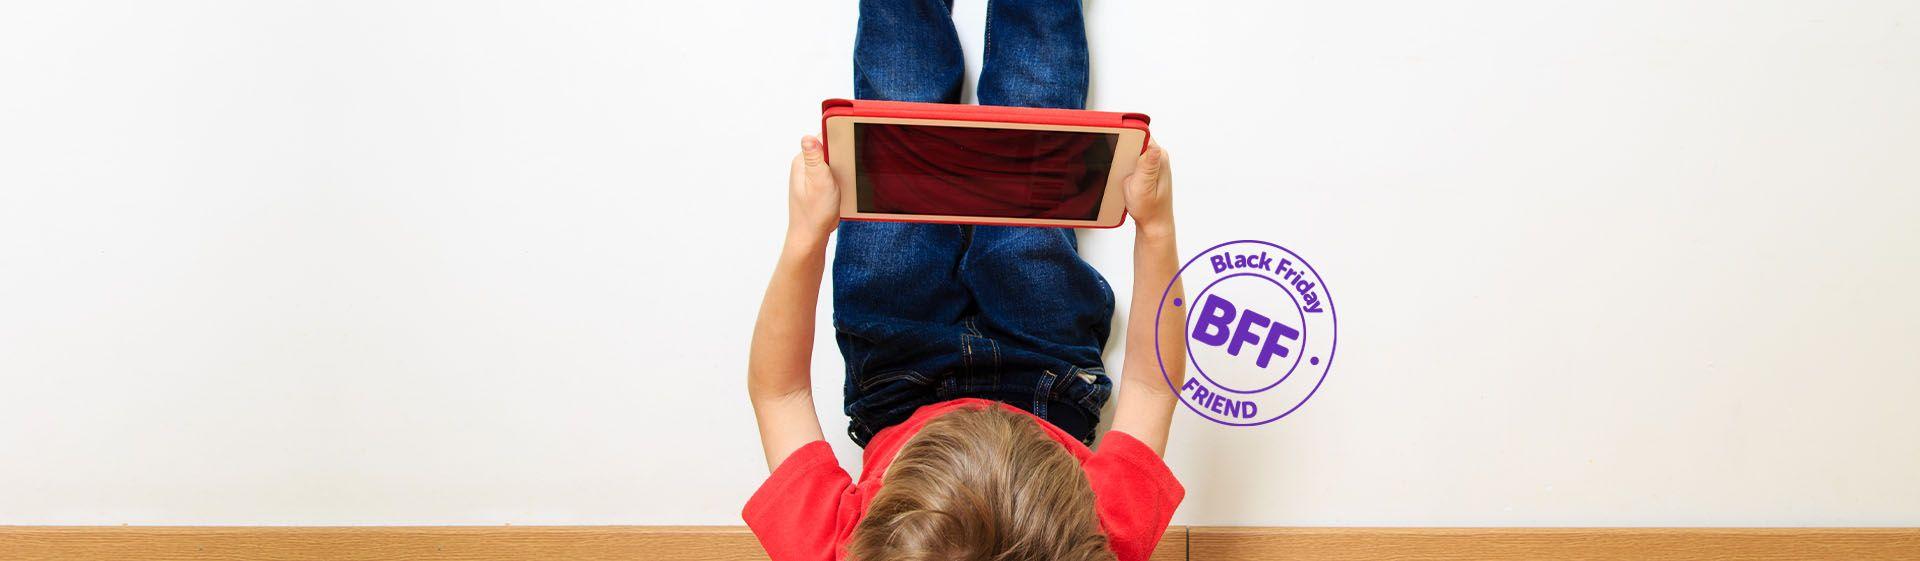 Melhor tablet infantil na Black Friday 2020